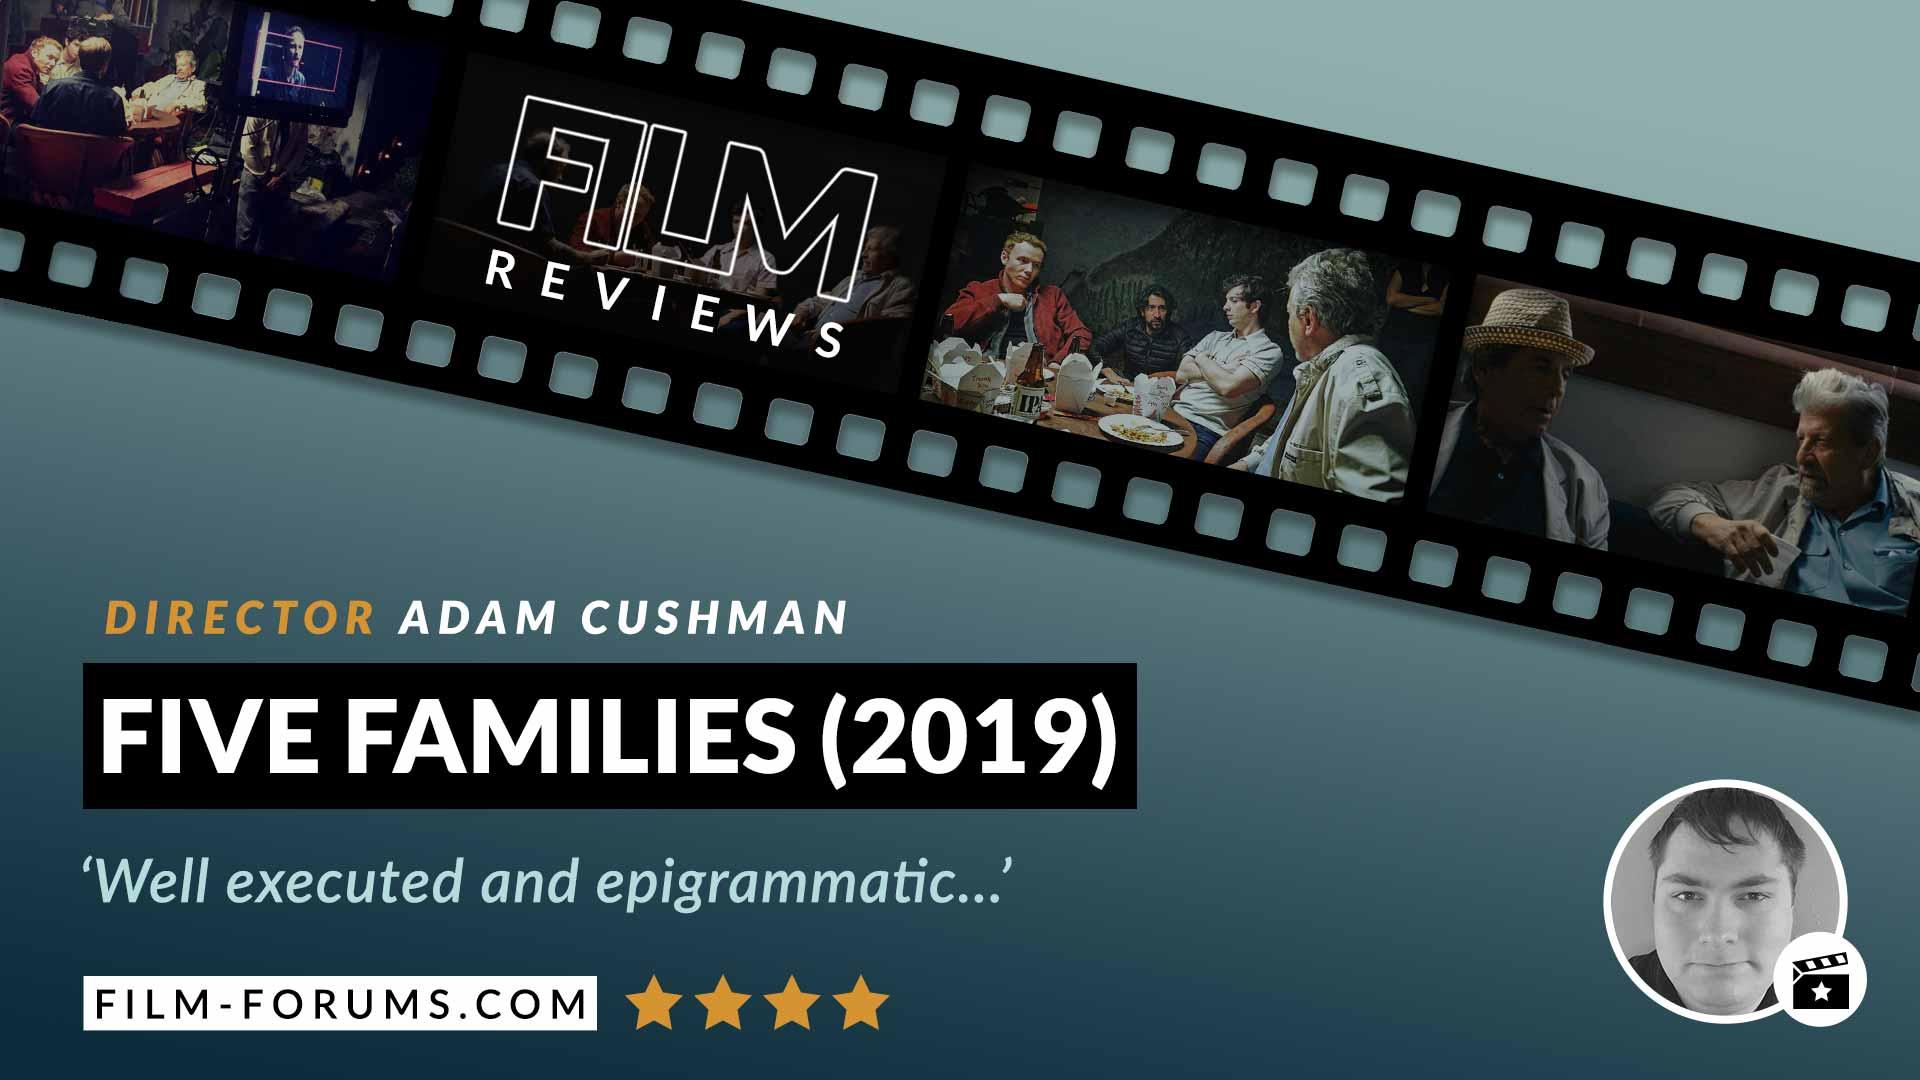 Five Families (2019) short film review